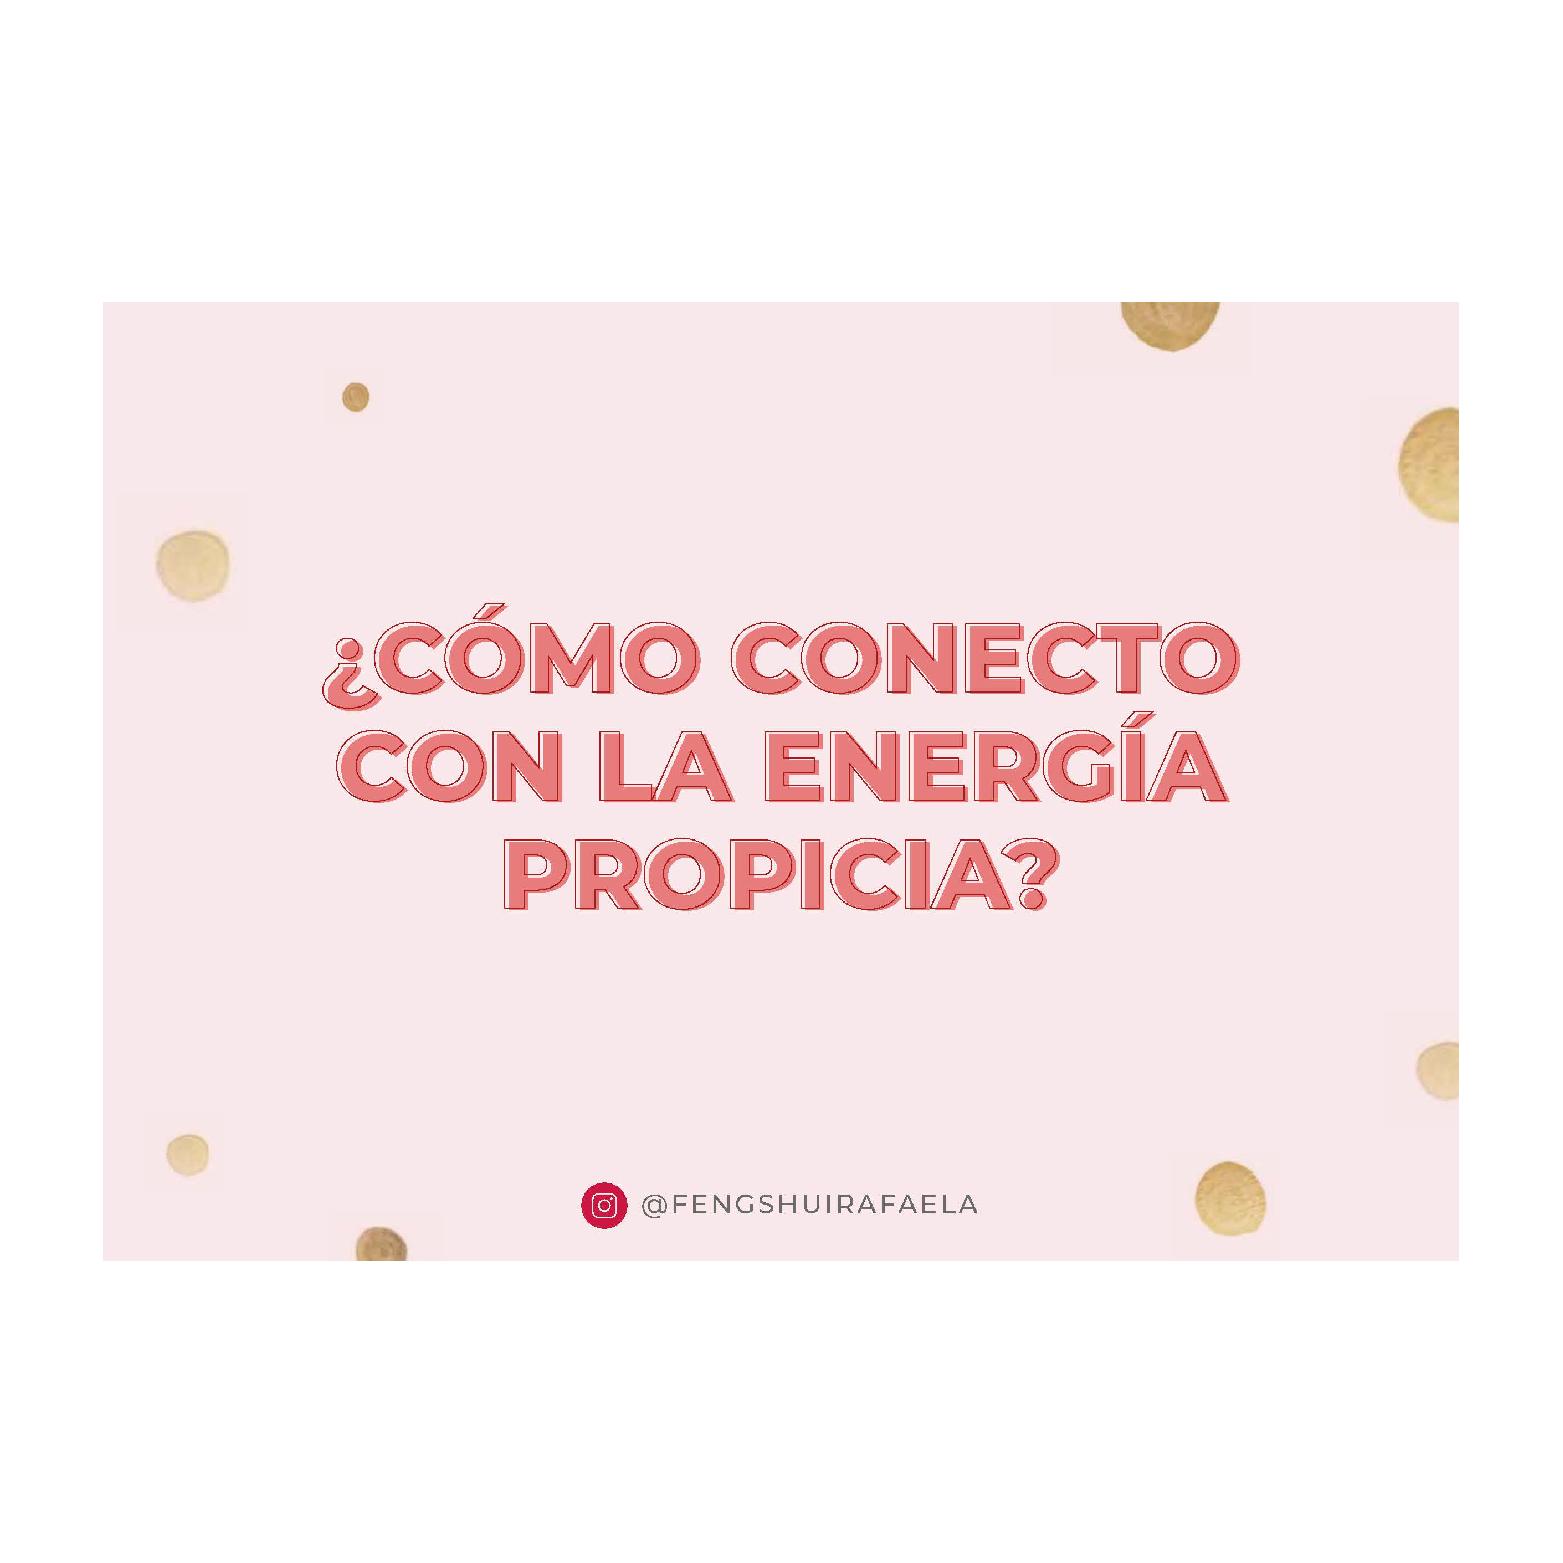 ¿Cómo conecto con la energía propicia?